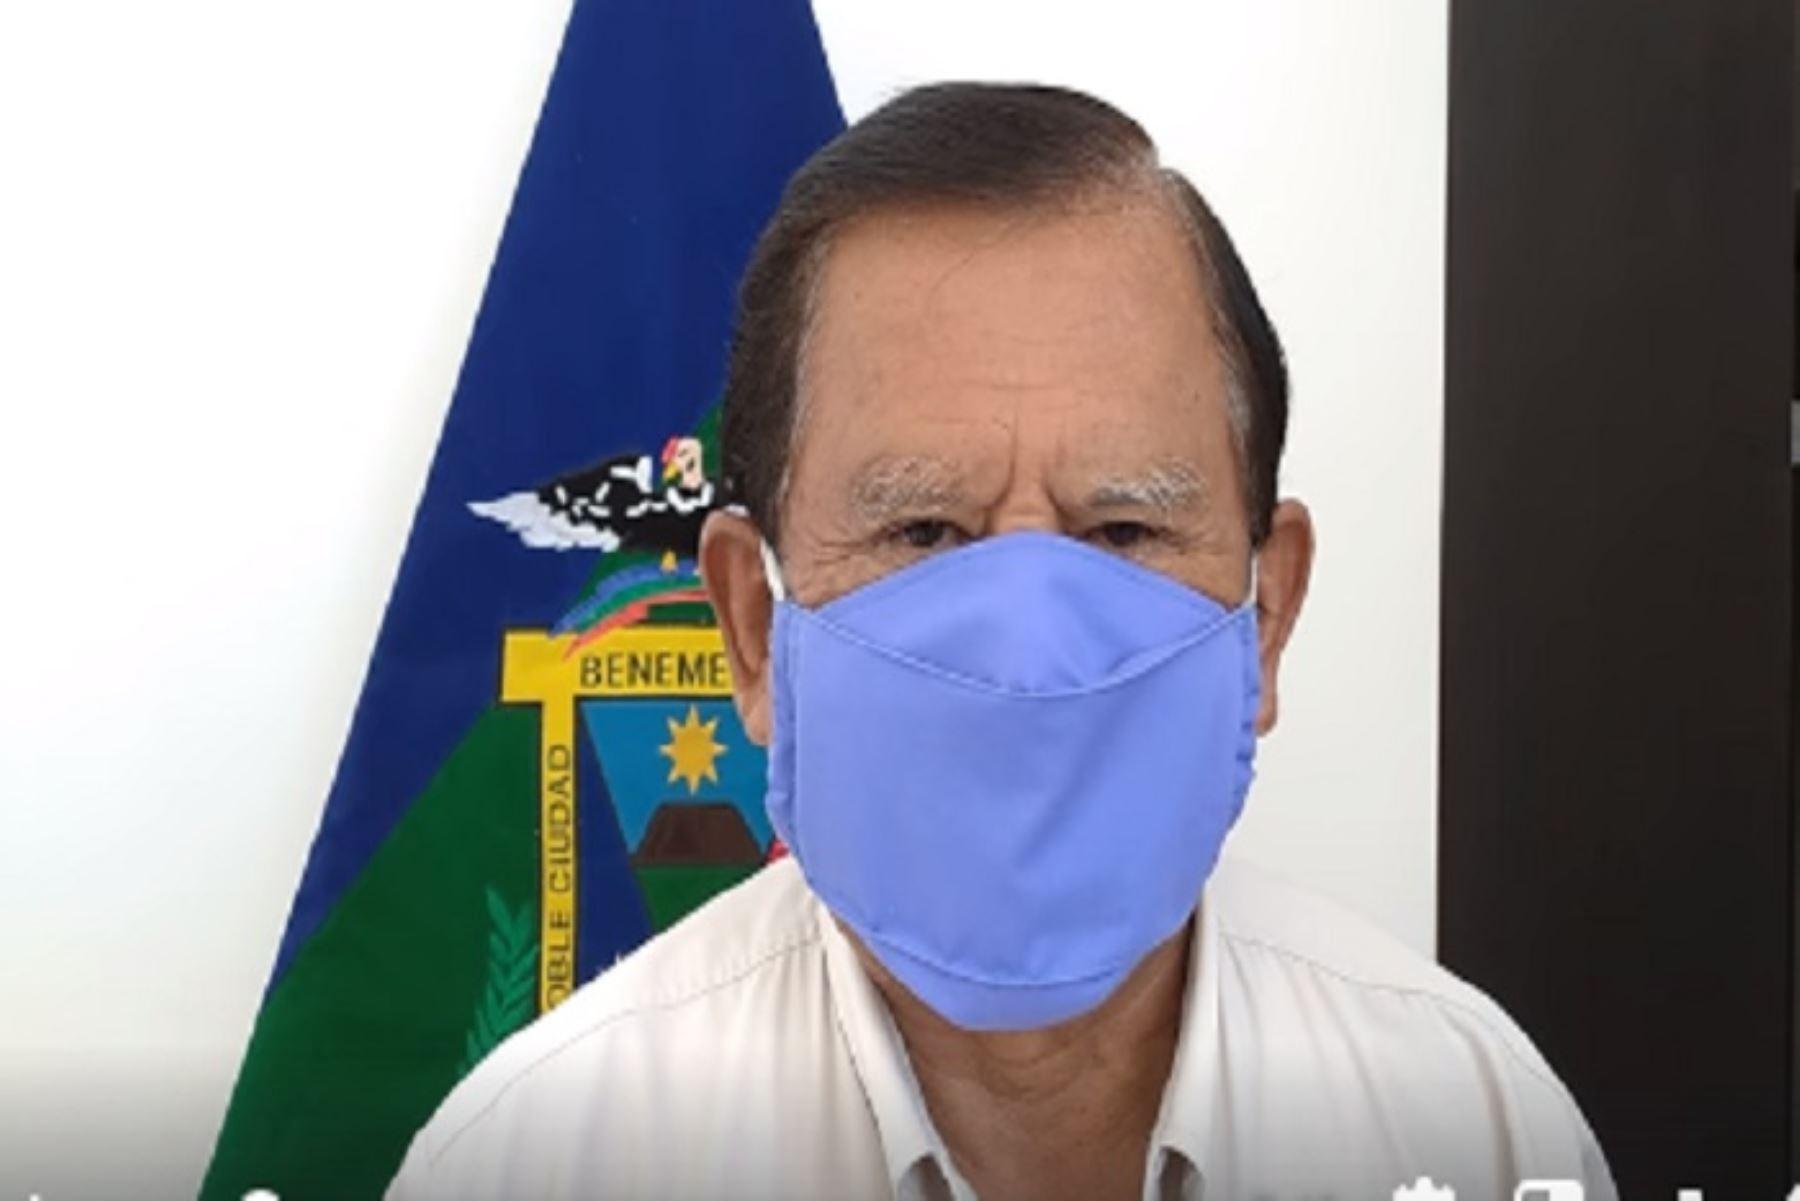 El estado de salud de la máxima autoridad moqueguana es estable y se encuentra aislado en su domicilio por prescripción de su médico, tras la descompensación por diabetes que sufrió el último fin de semana.